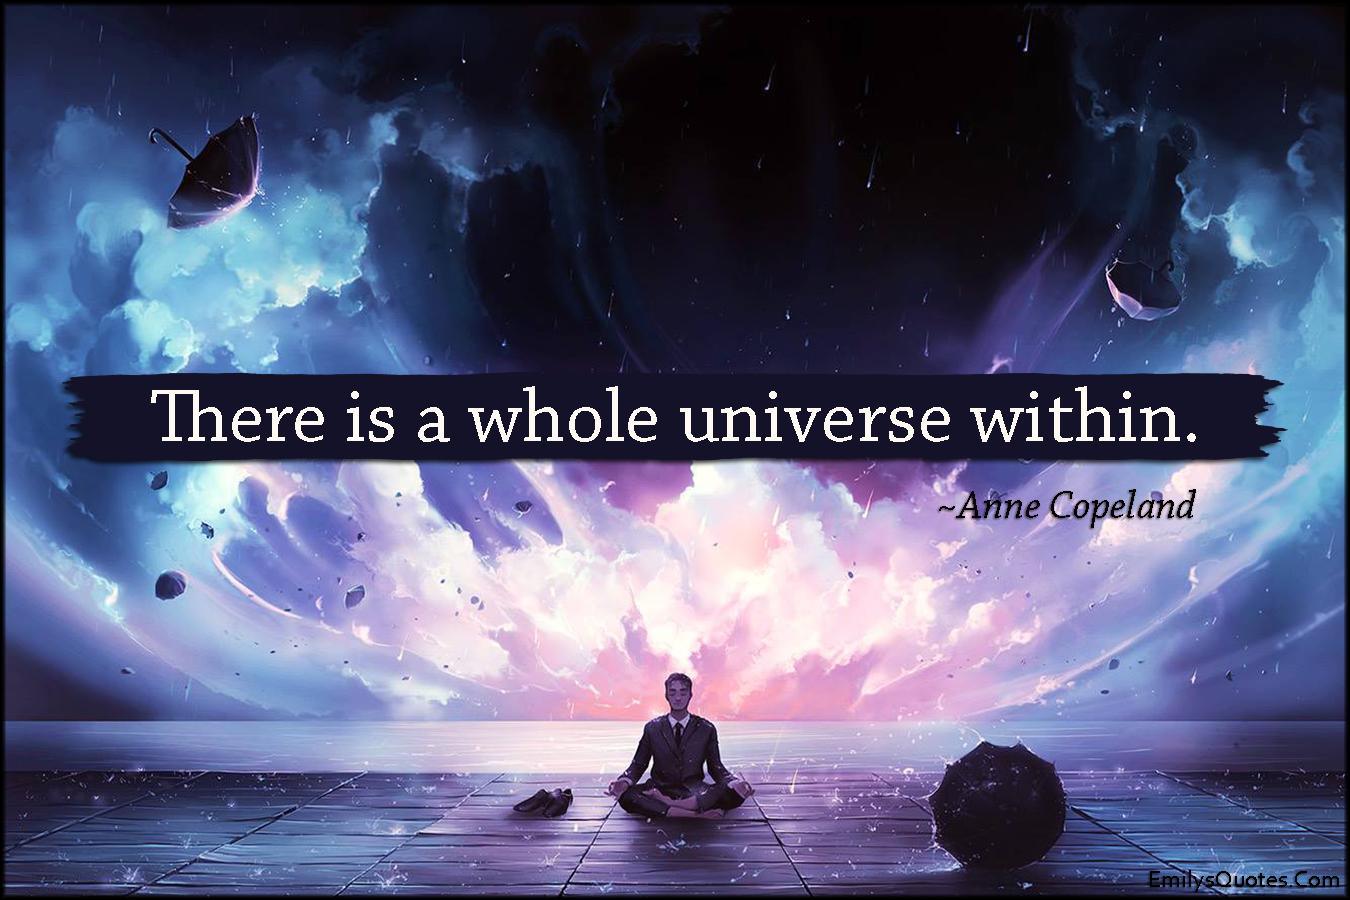 EmilysQuotes.Com - amazing, great, inspirational, universe, within, Anne Copeland